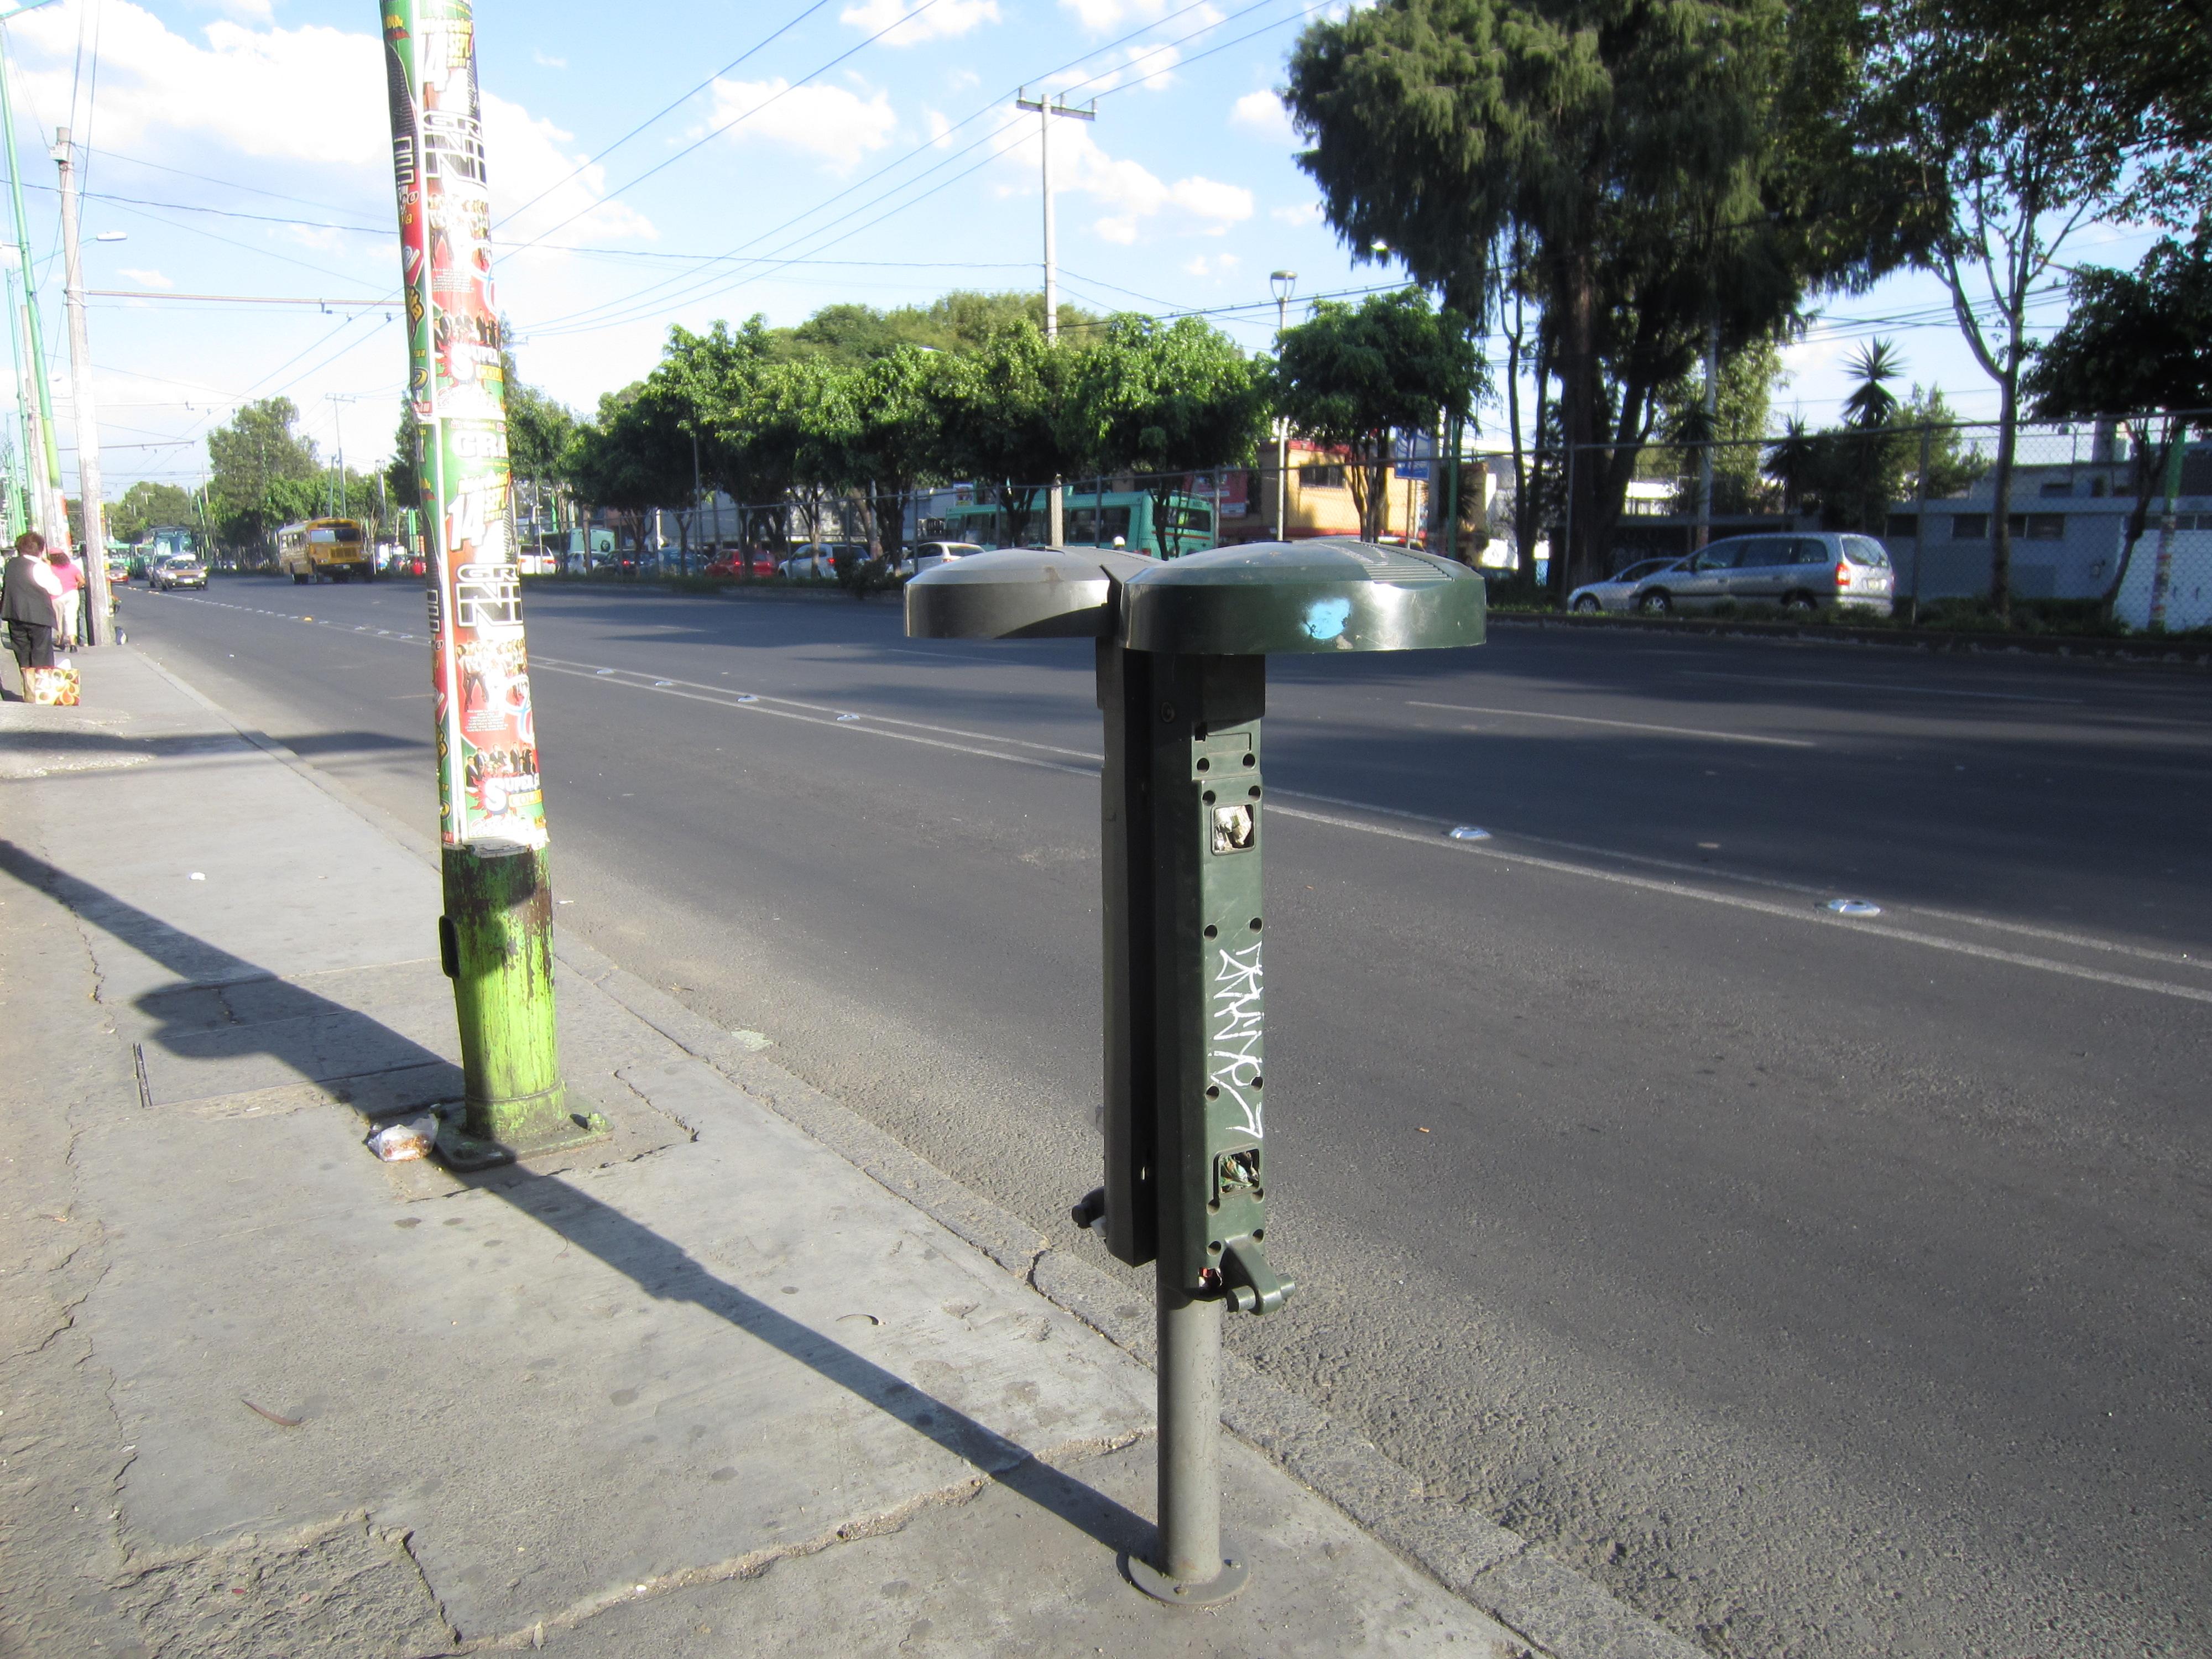 Breve Taxonom A Del Mobiliario Urbano Pedestre